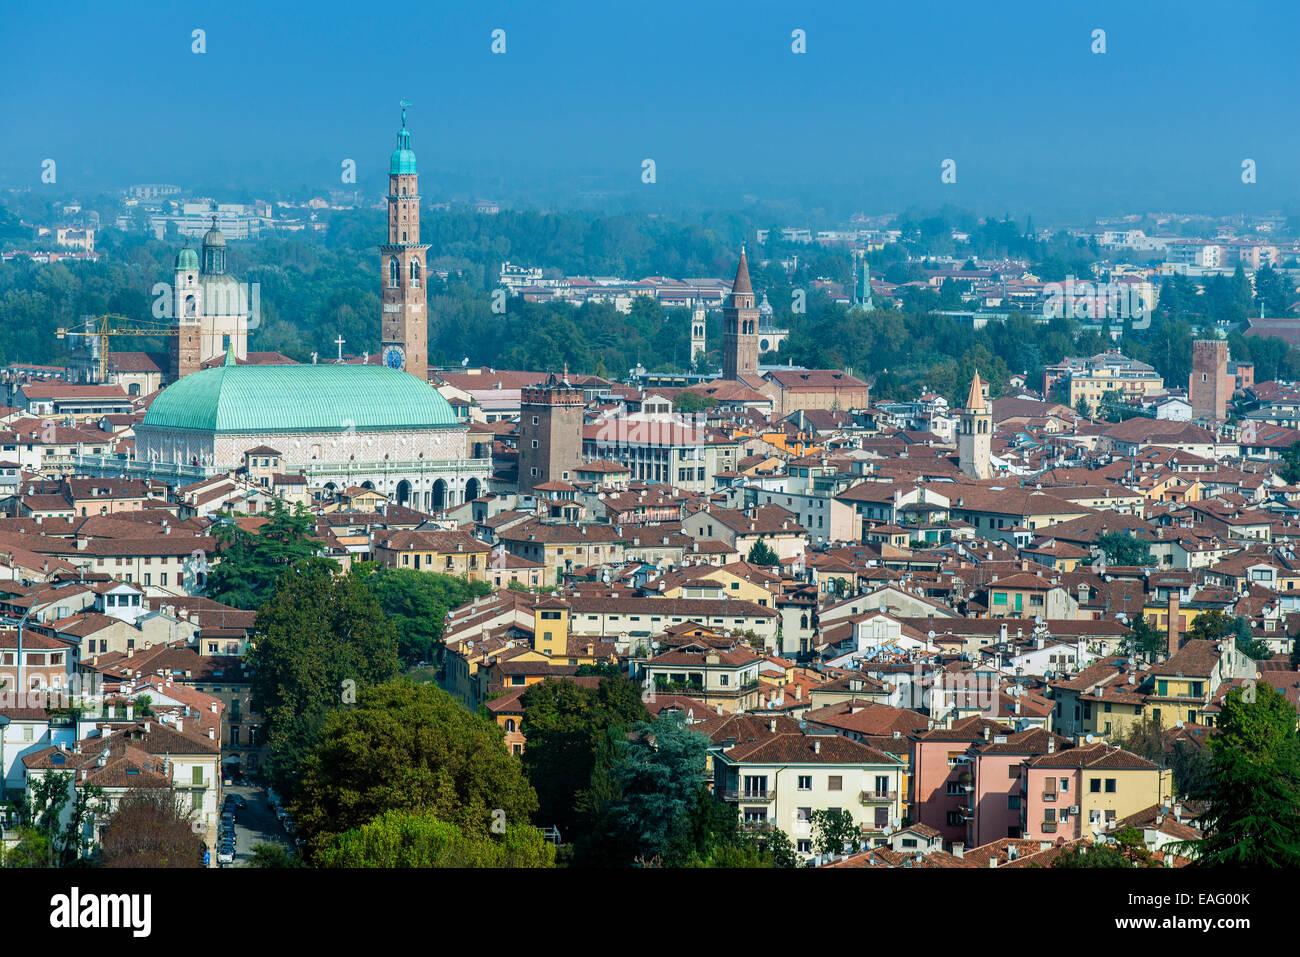 City skyline, Vicenza, Veneto, Italy - Stock Image